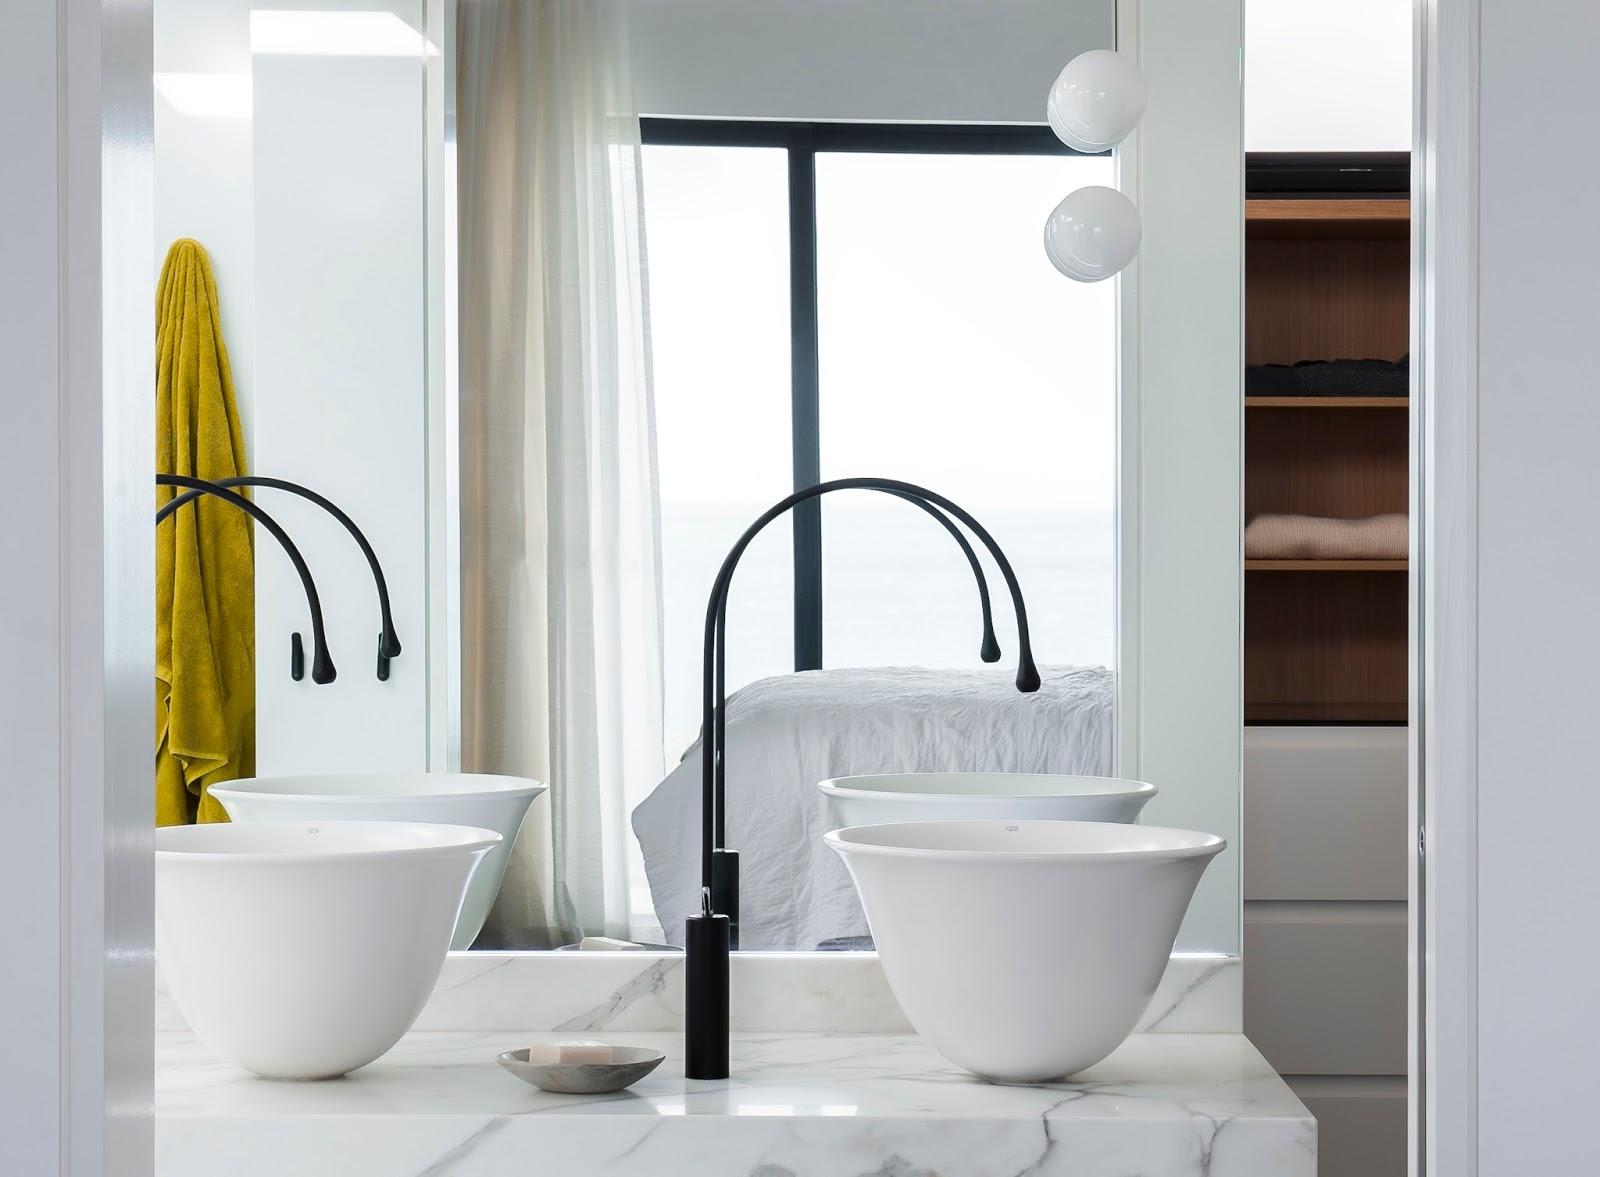 Minosa Melbourne Bathroom Design A Famous House View Client